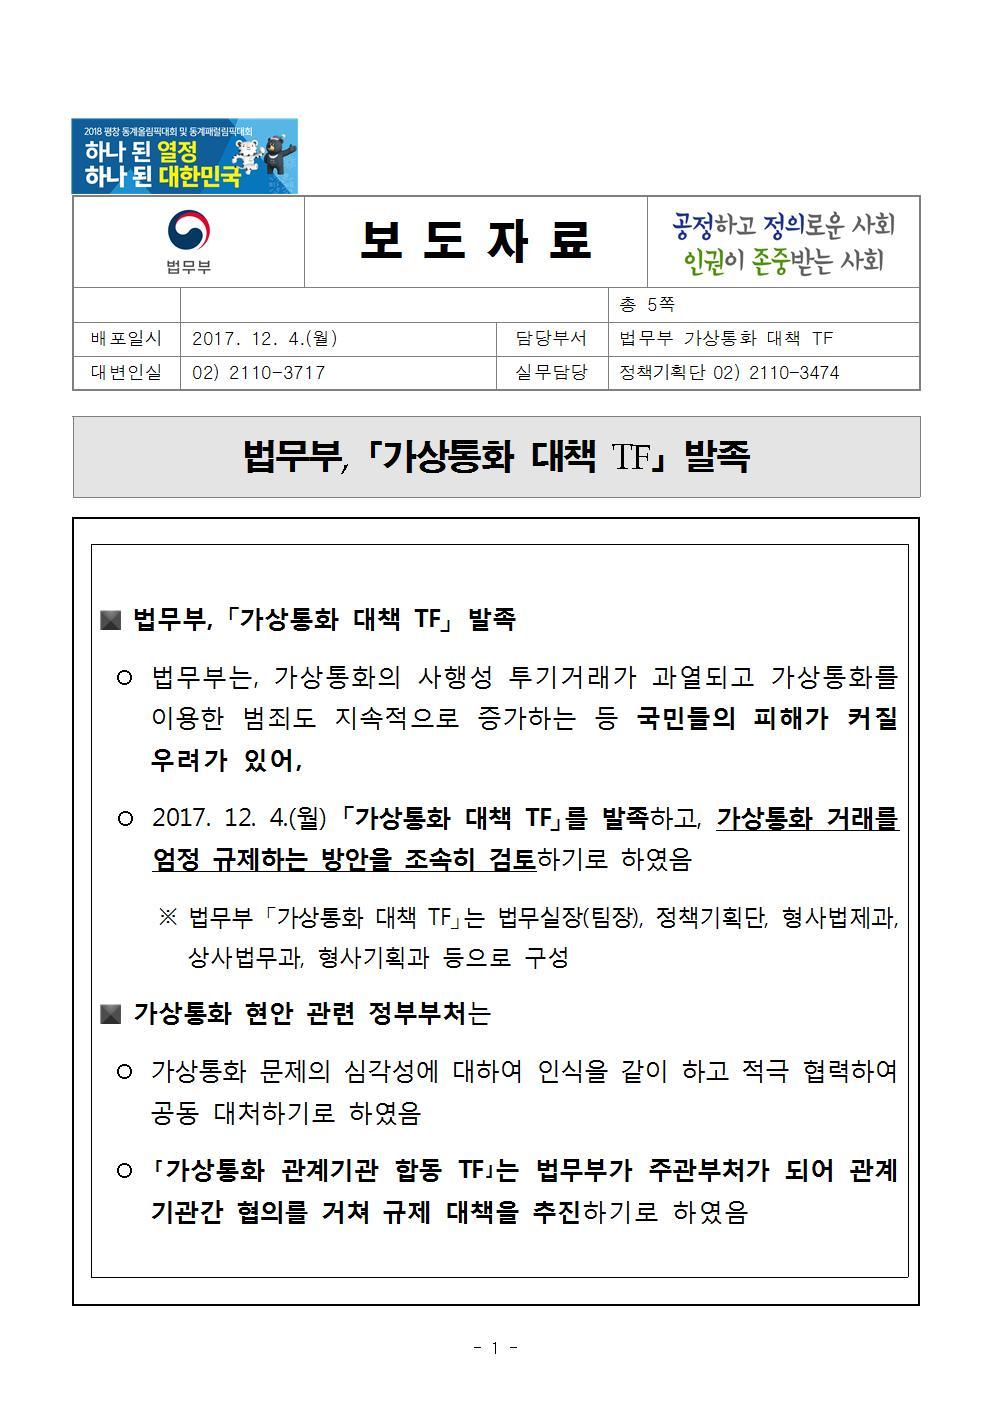 2017년 12월 4일 법무부가상통화 대책 TF발족001.jpg